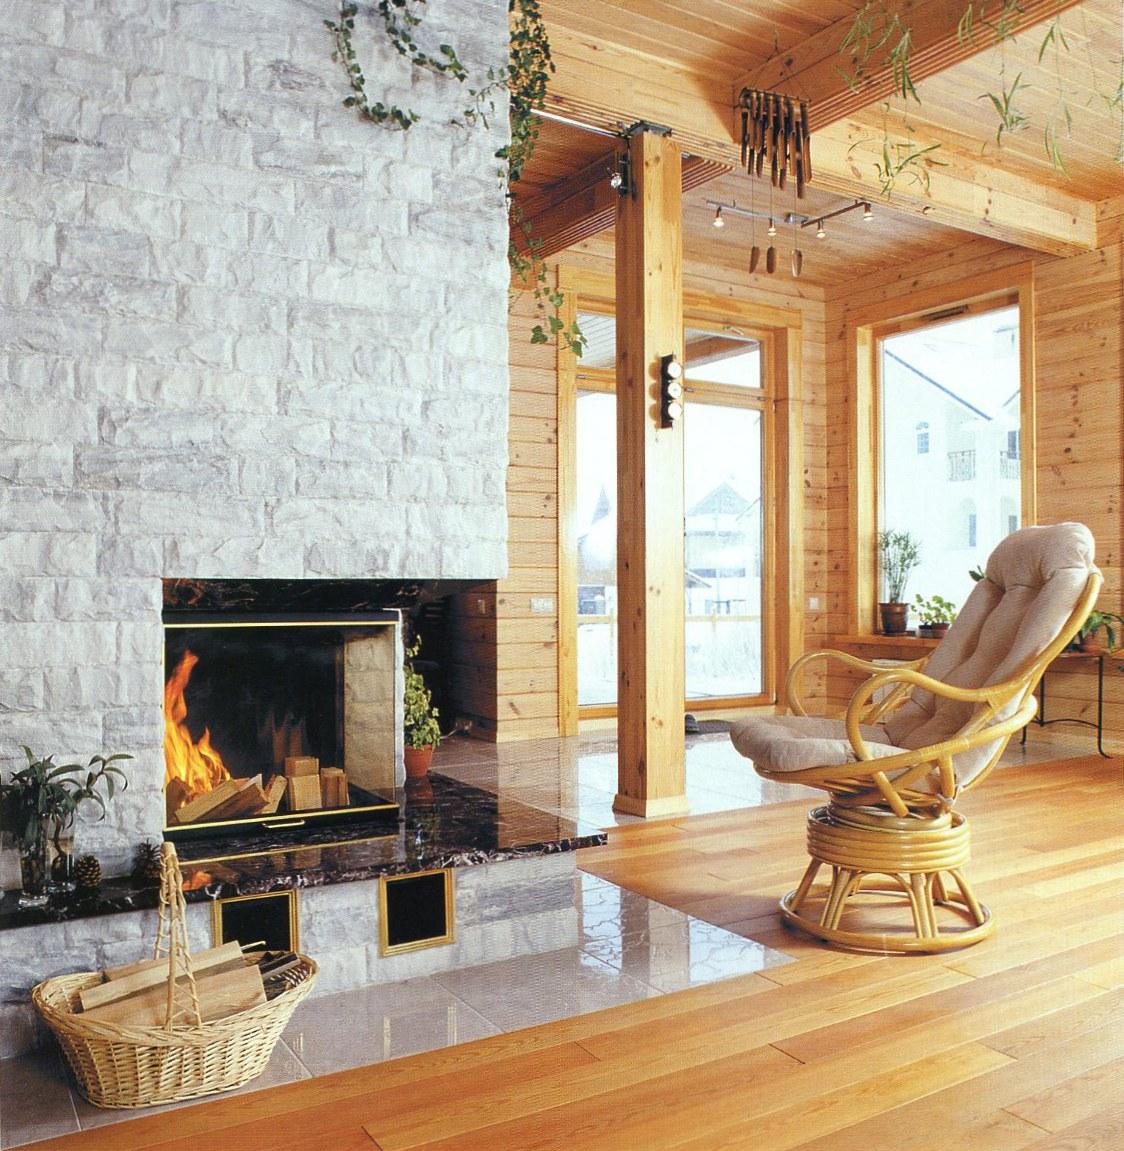 Варианты каминов для деревянного дома по типам топлива 41